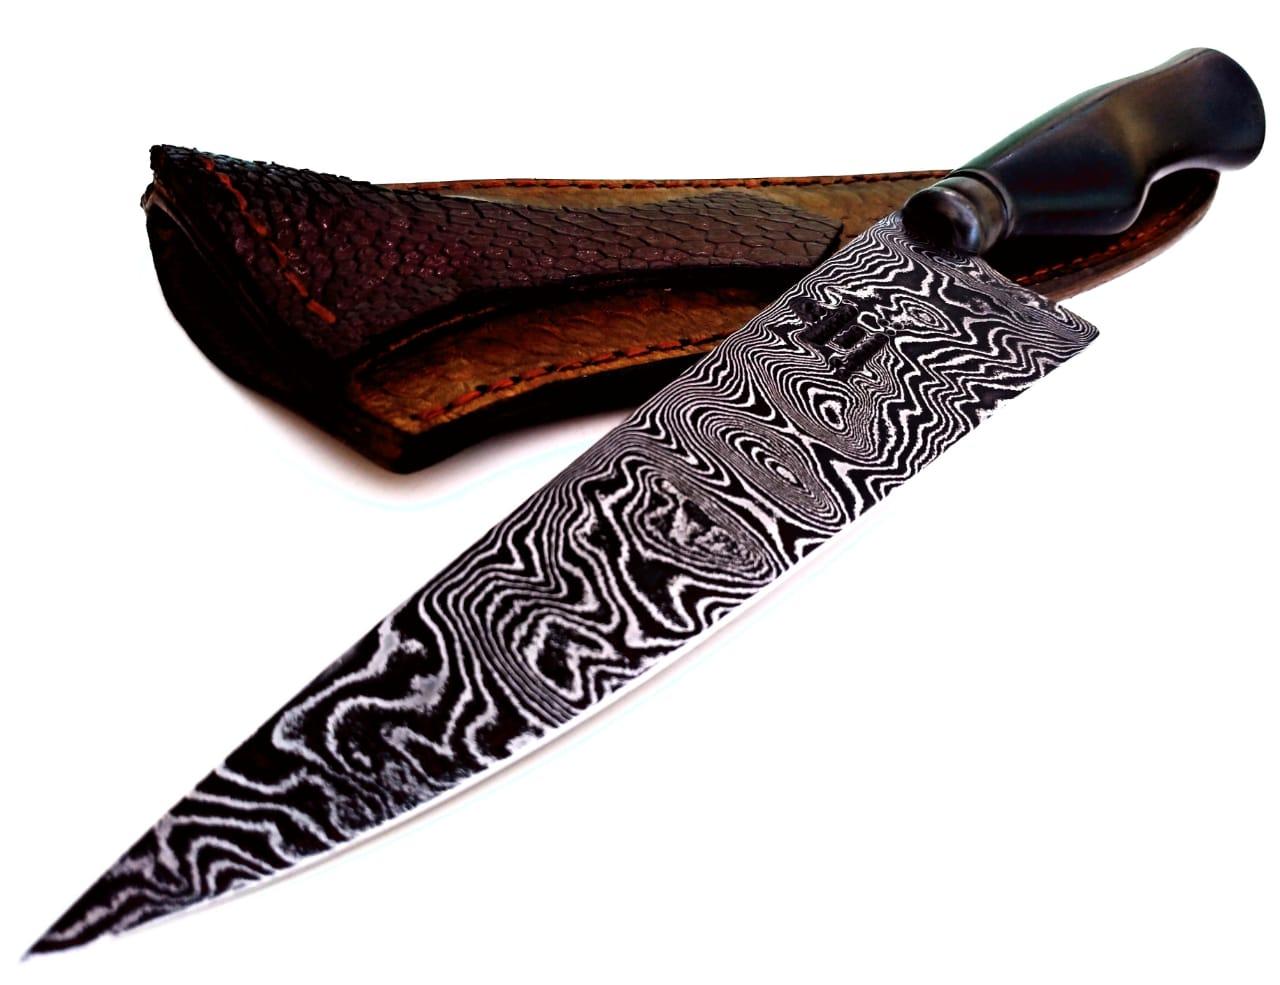 Faca artesanal gaúcha em aço de damasco padrão aleatório modificado 8 polegadas